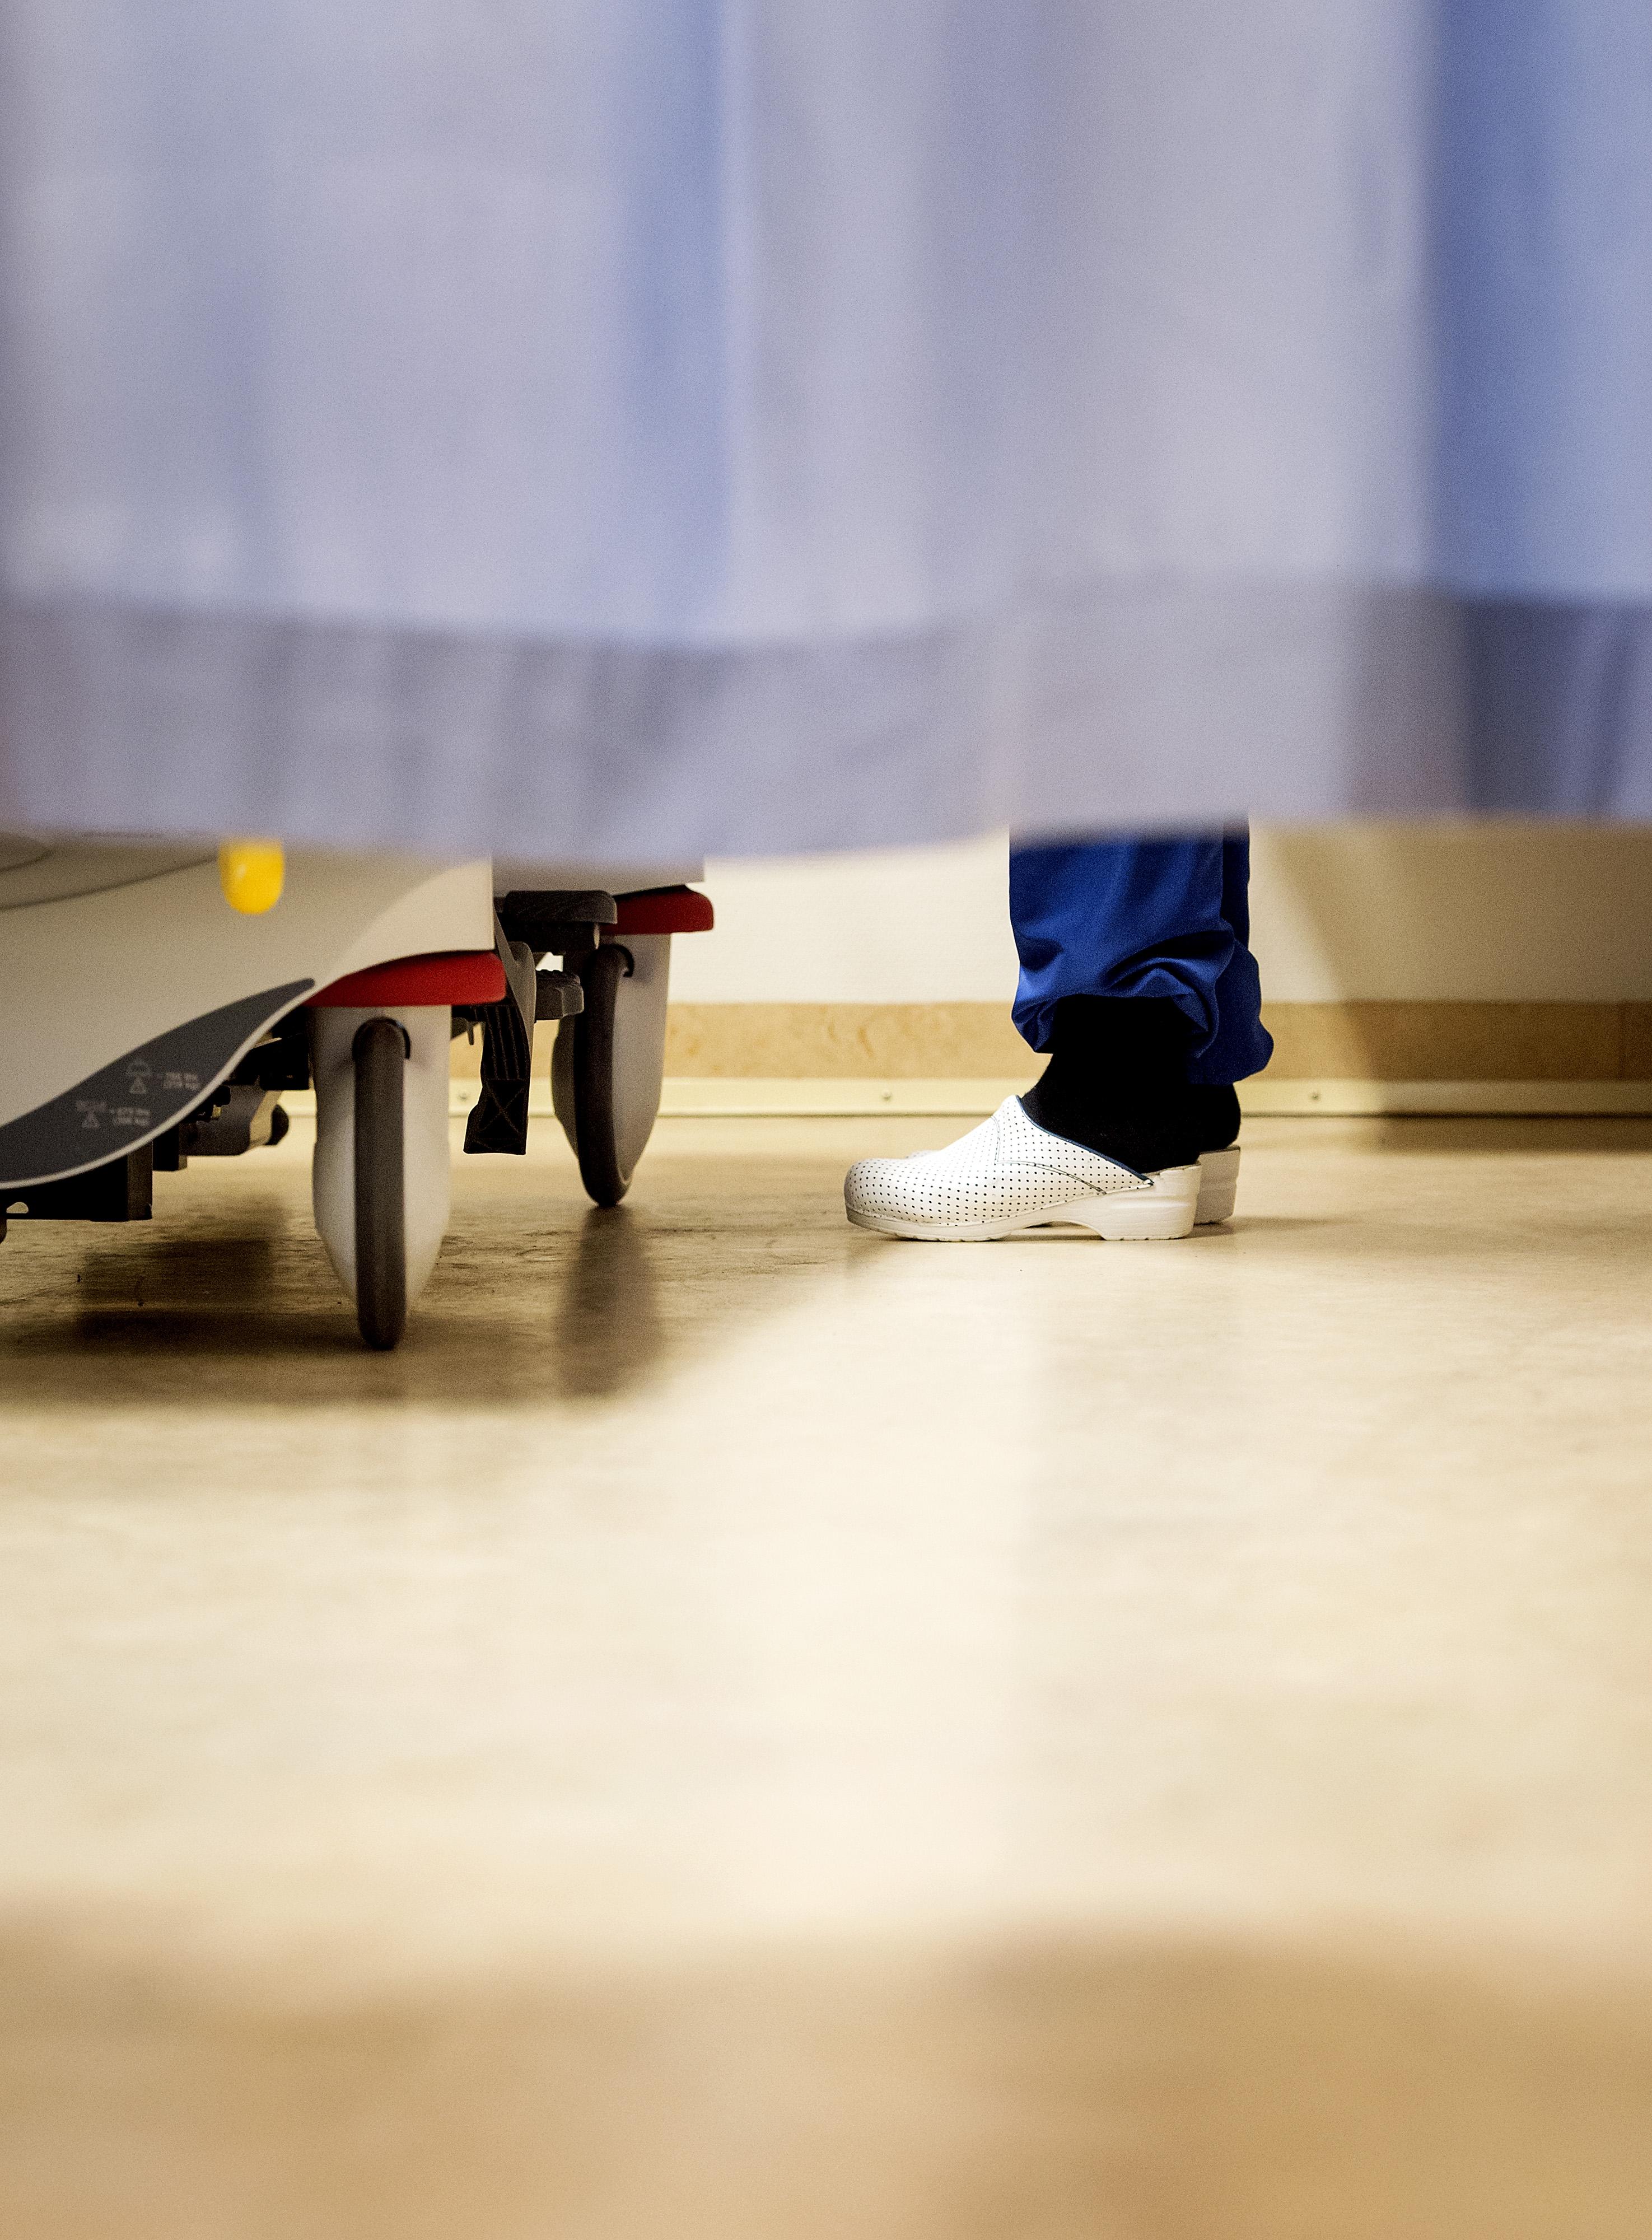 HARDERWIJK - Een verpleegkundige in een behandelkamer van een spoedeisende hulp. ANP XTRA KOEN VAN WEEL